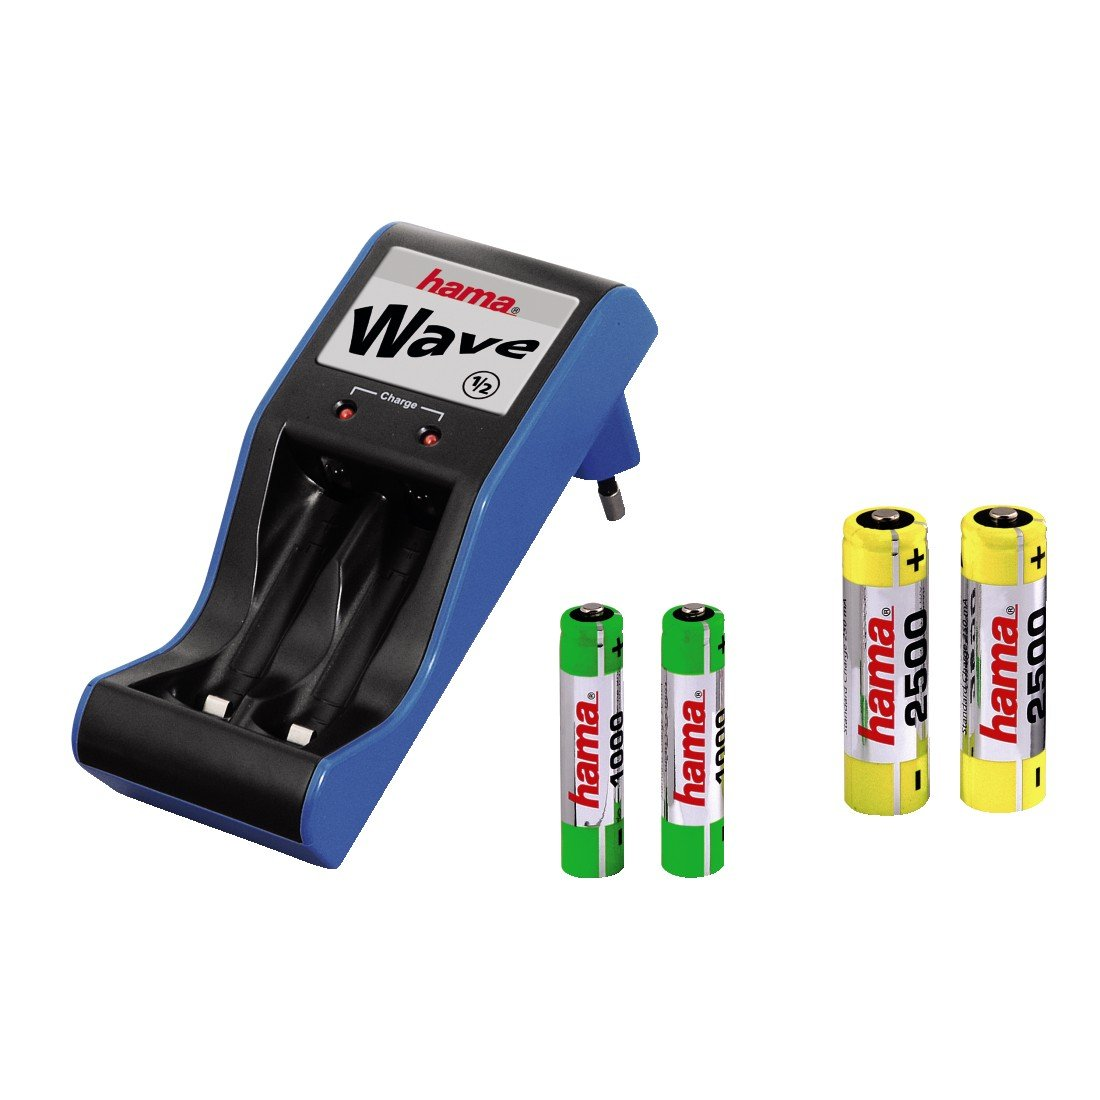 Hama Steckerladegerät Wave Set 2x AA 2500 und 2x AAA 1000, Schwarz/Blau